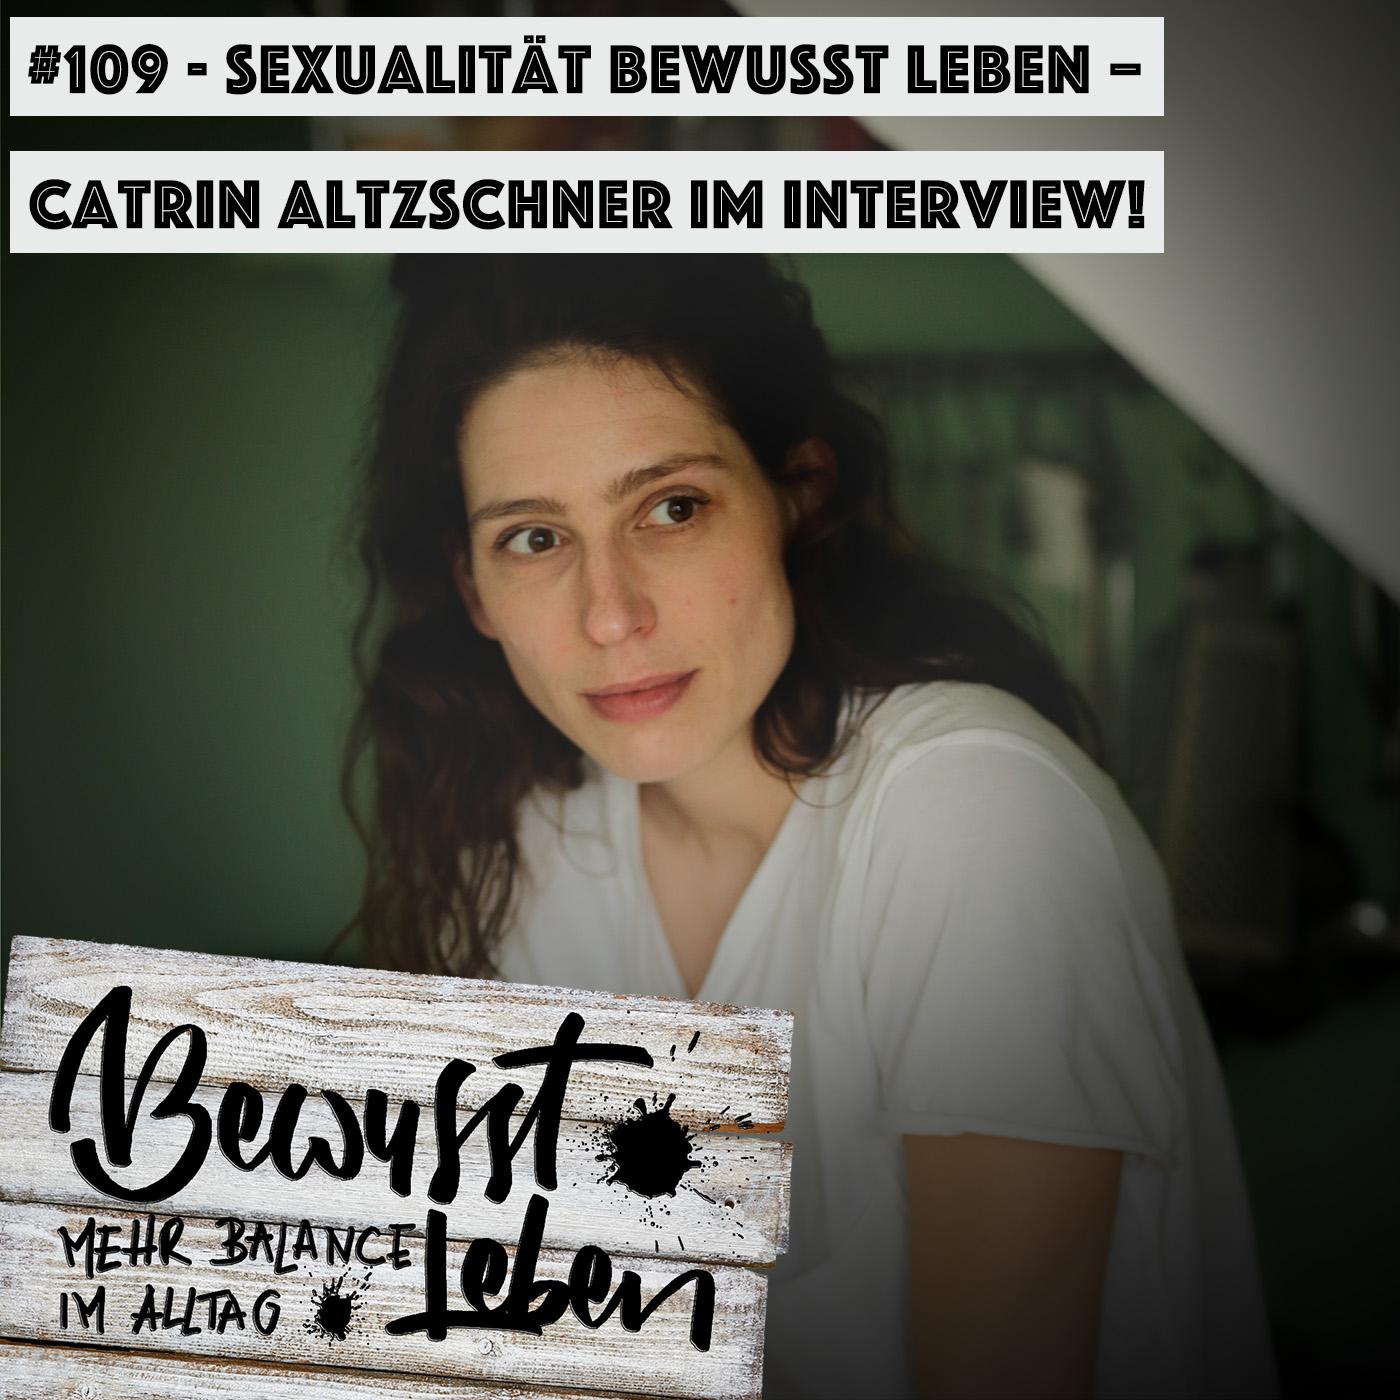 Catrin Altzschner von 1LIVE Intimbereich:Sexualität bewusst leben